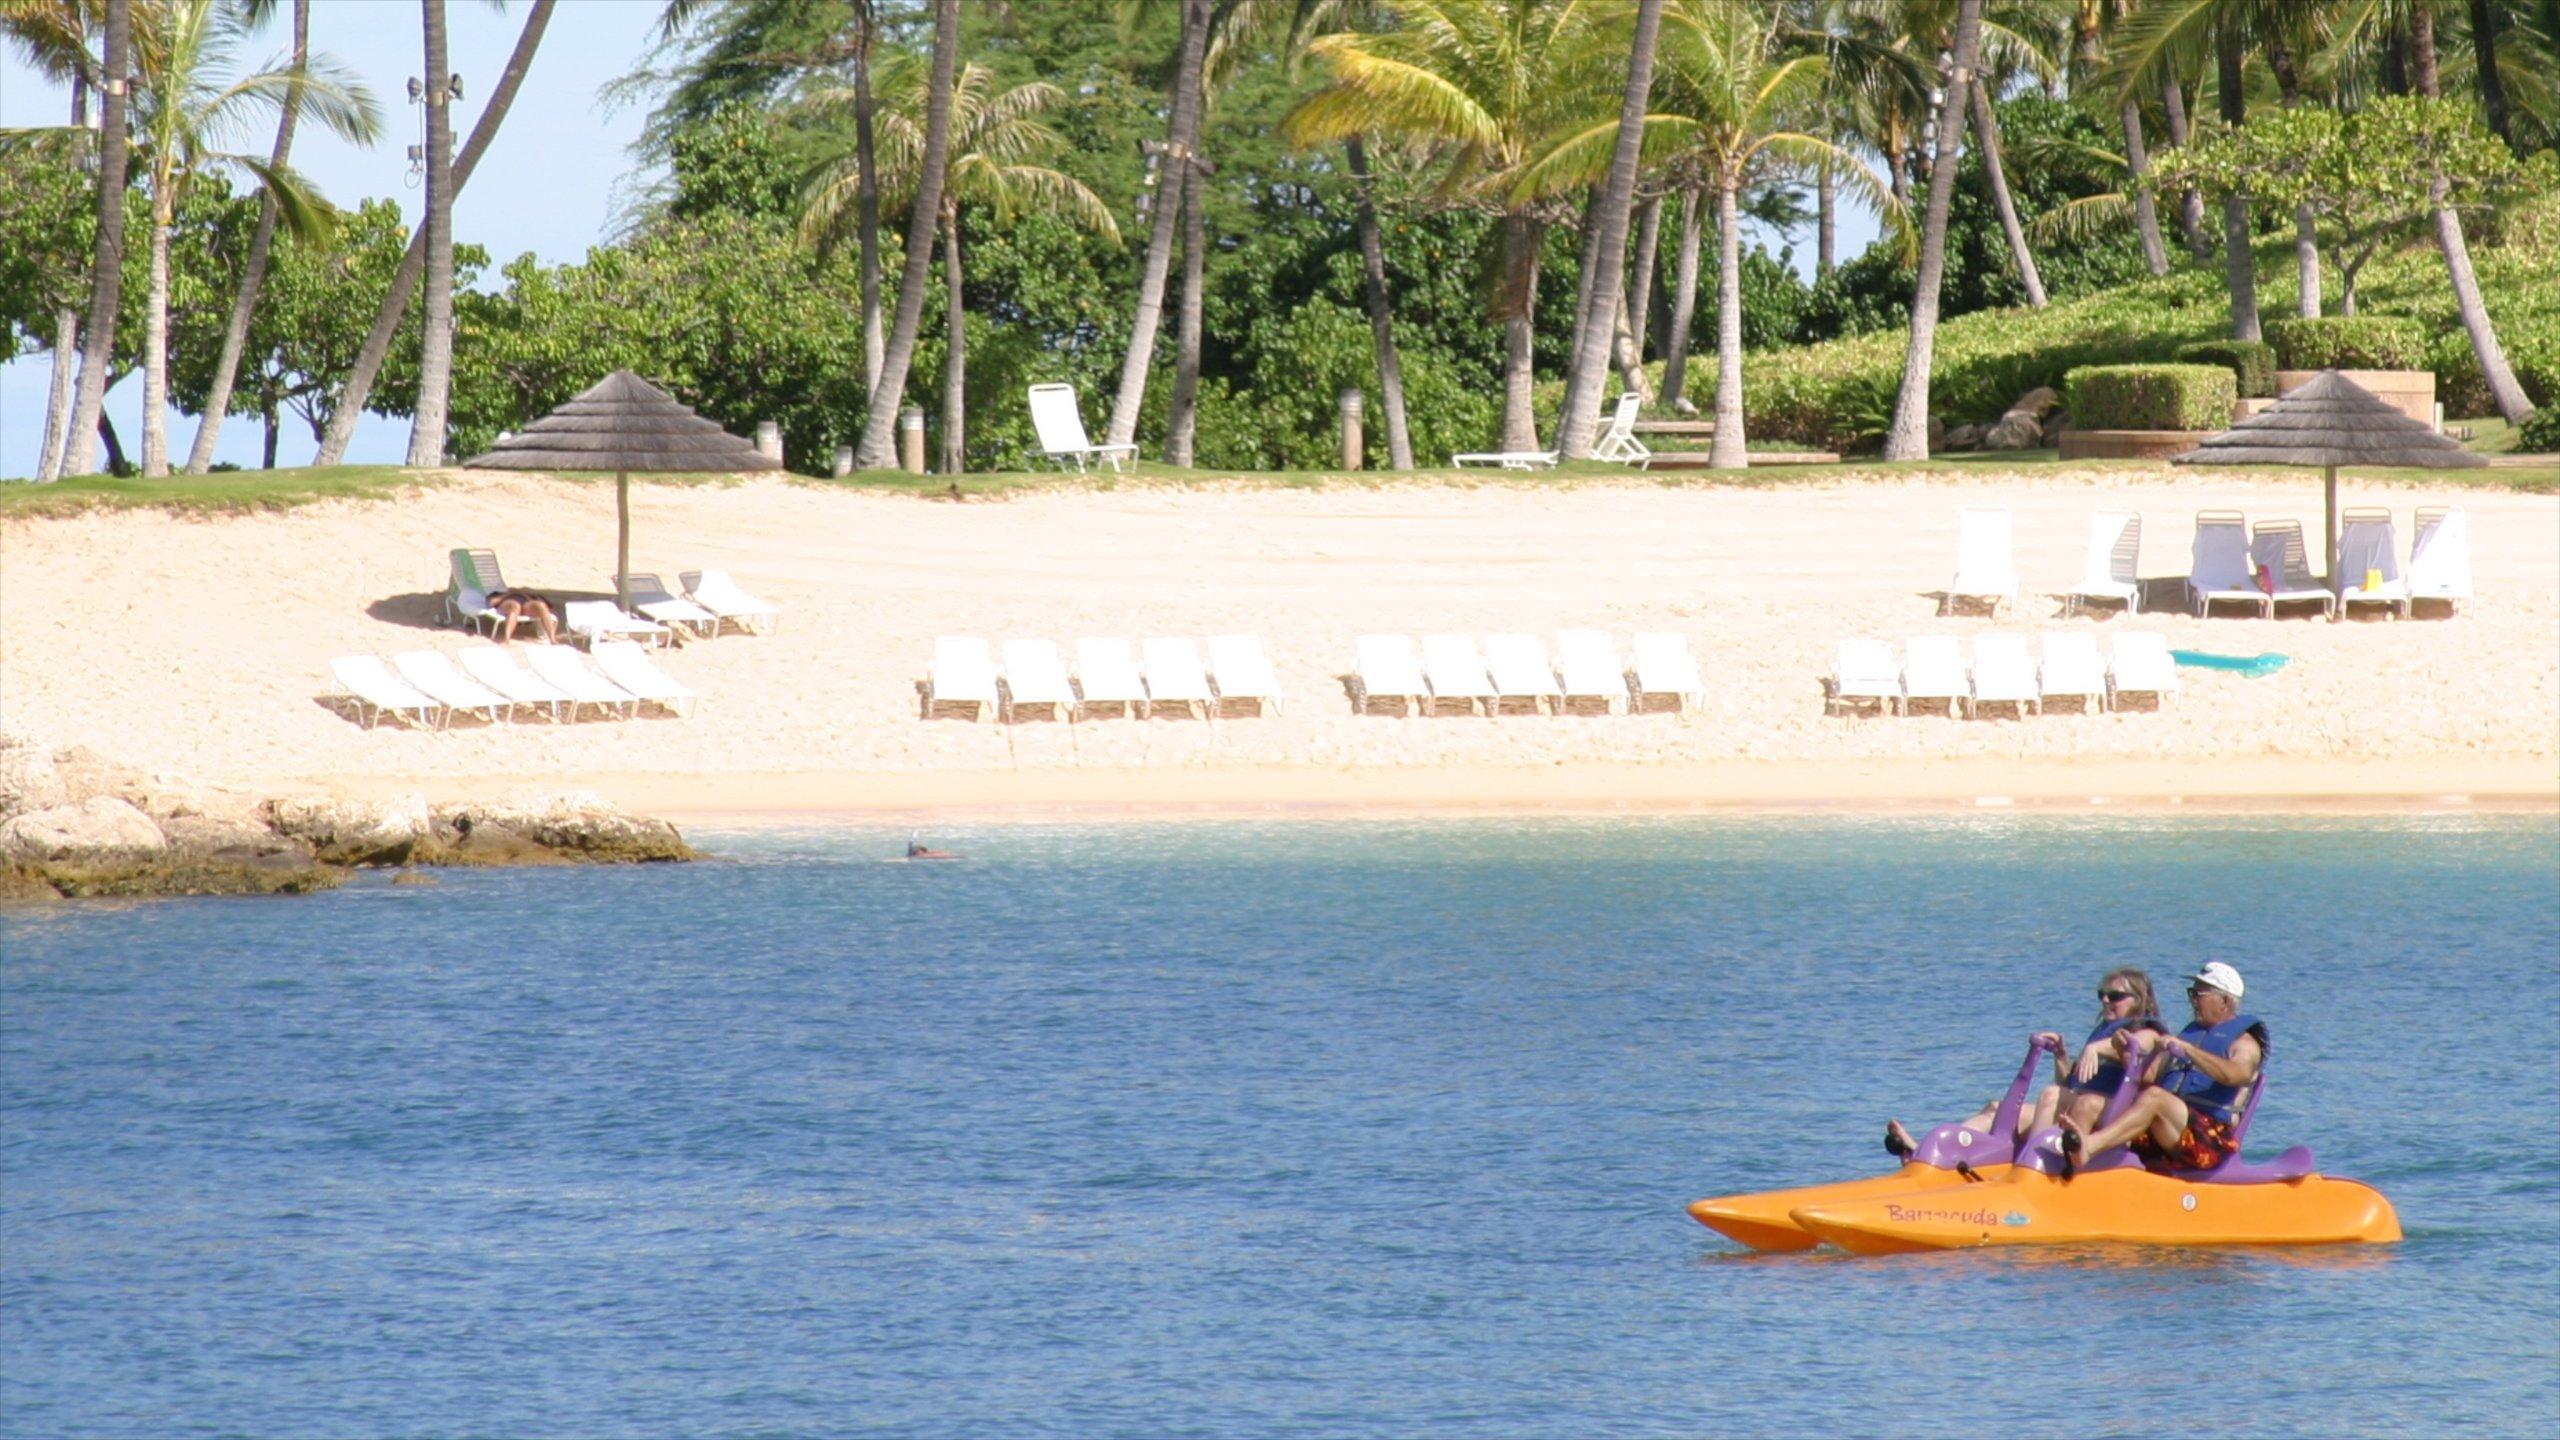 Leeward Coast, Hawaii, United States of America